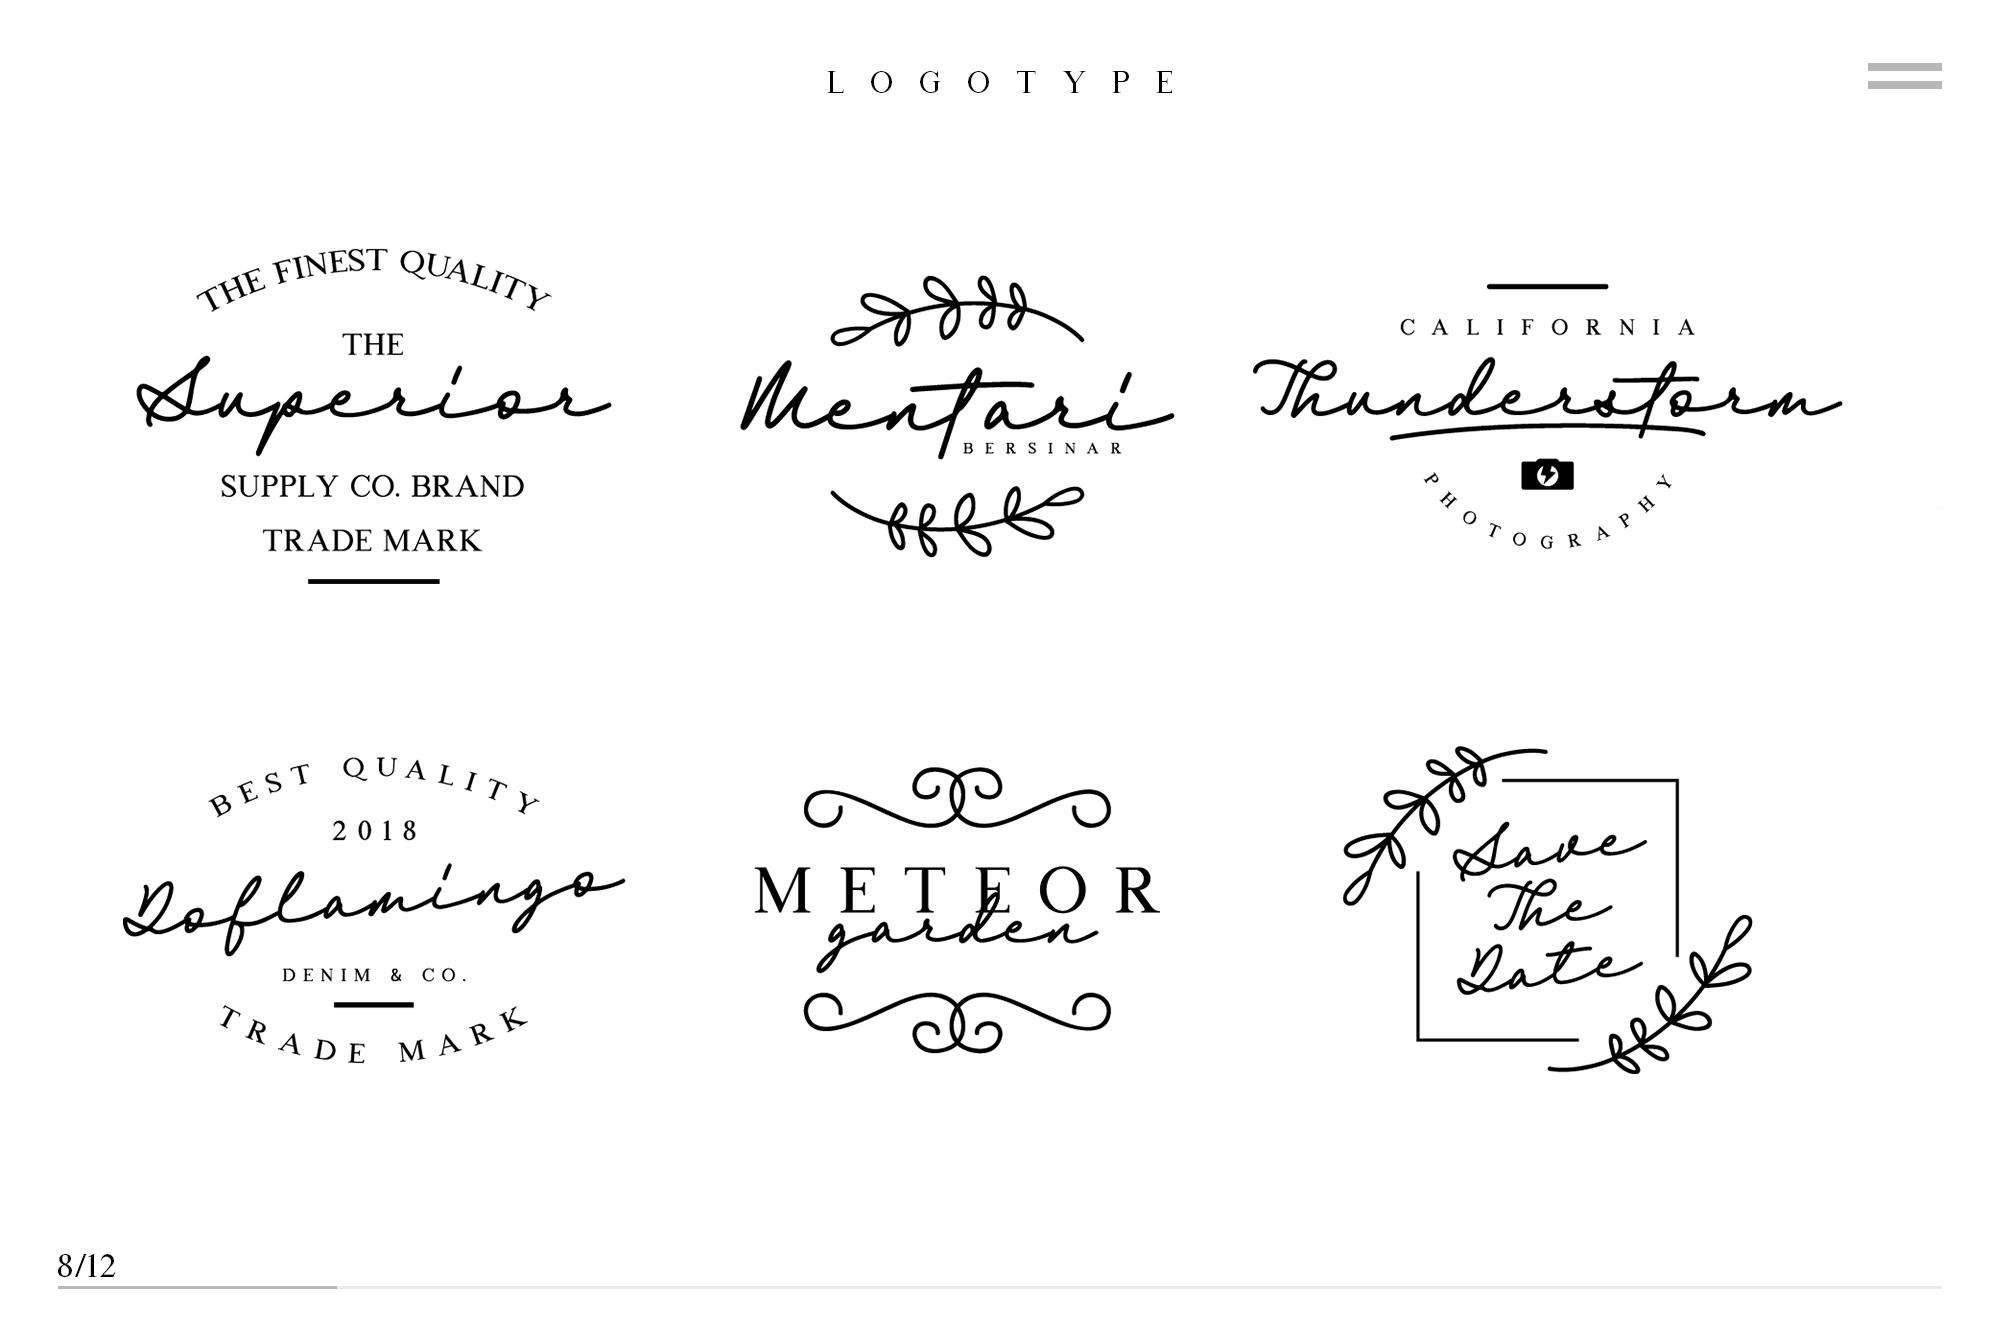 Britania Letter Signature Script example image 7